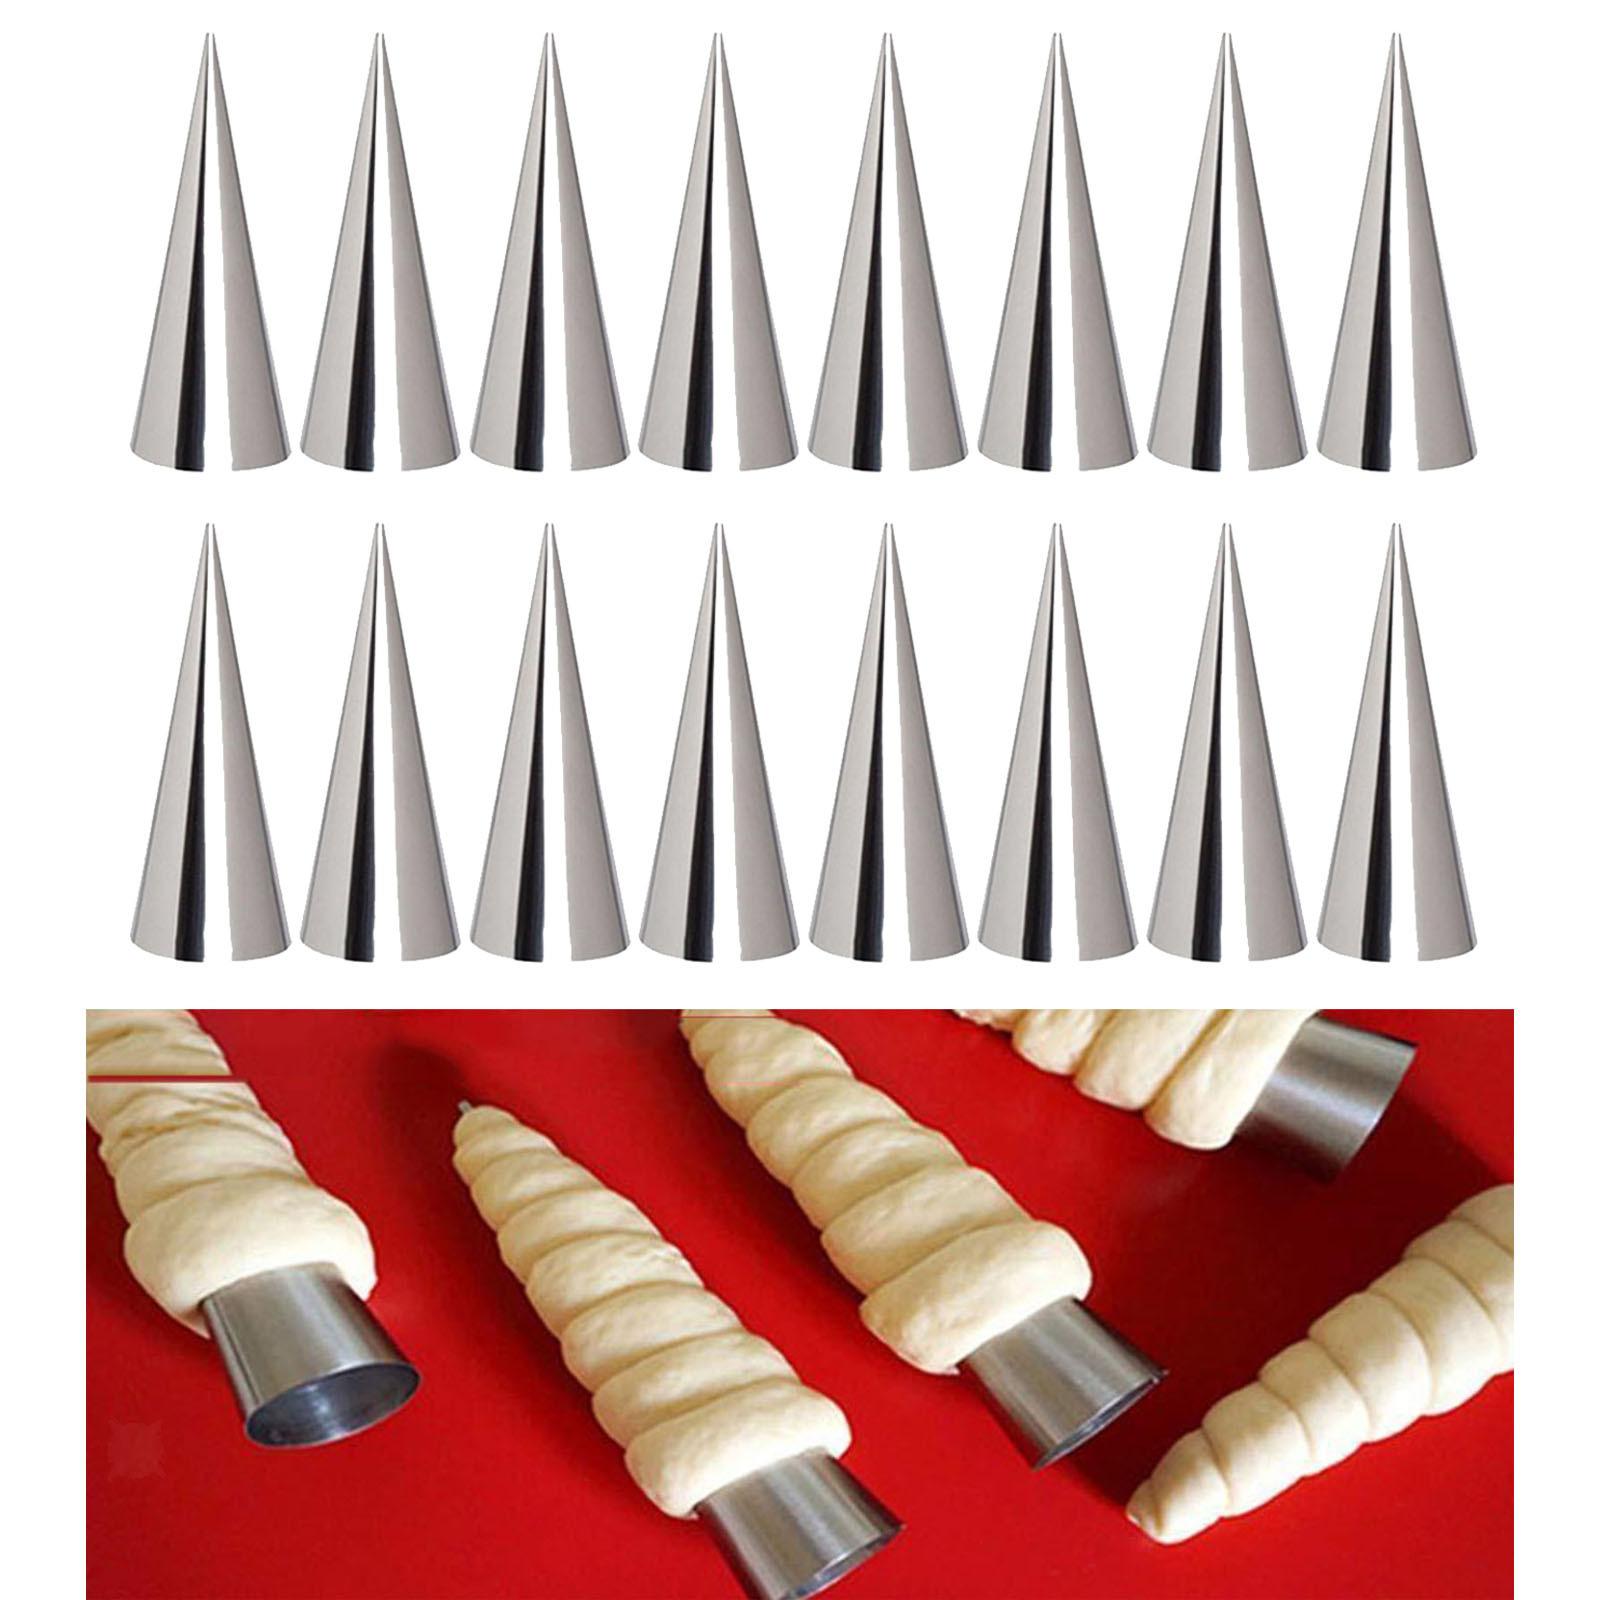 miniature 5 - Crème pâtissière Trompette Croissant Outil Spirale Tubes Pain Pâtisserie Gâ